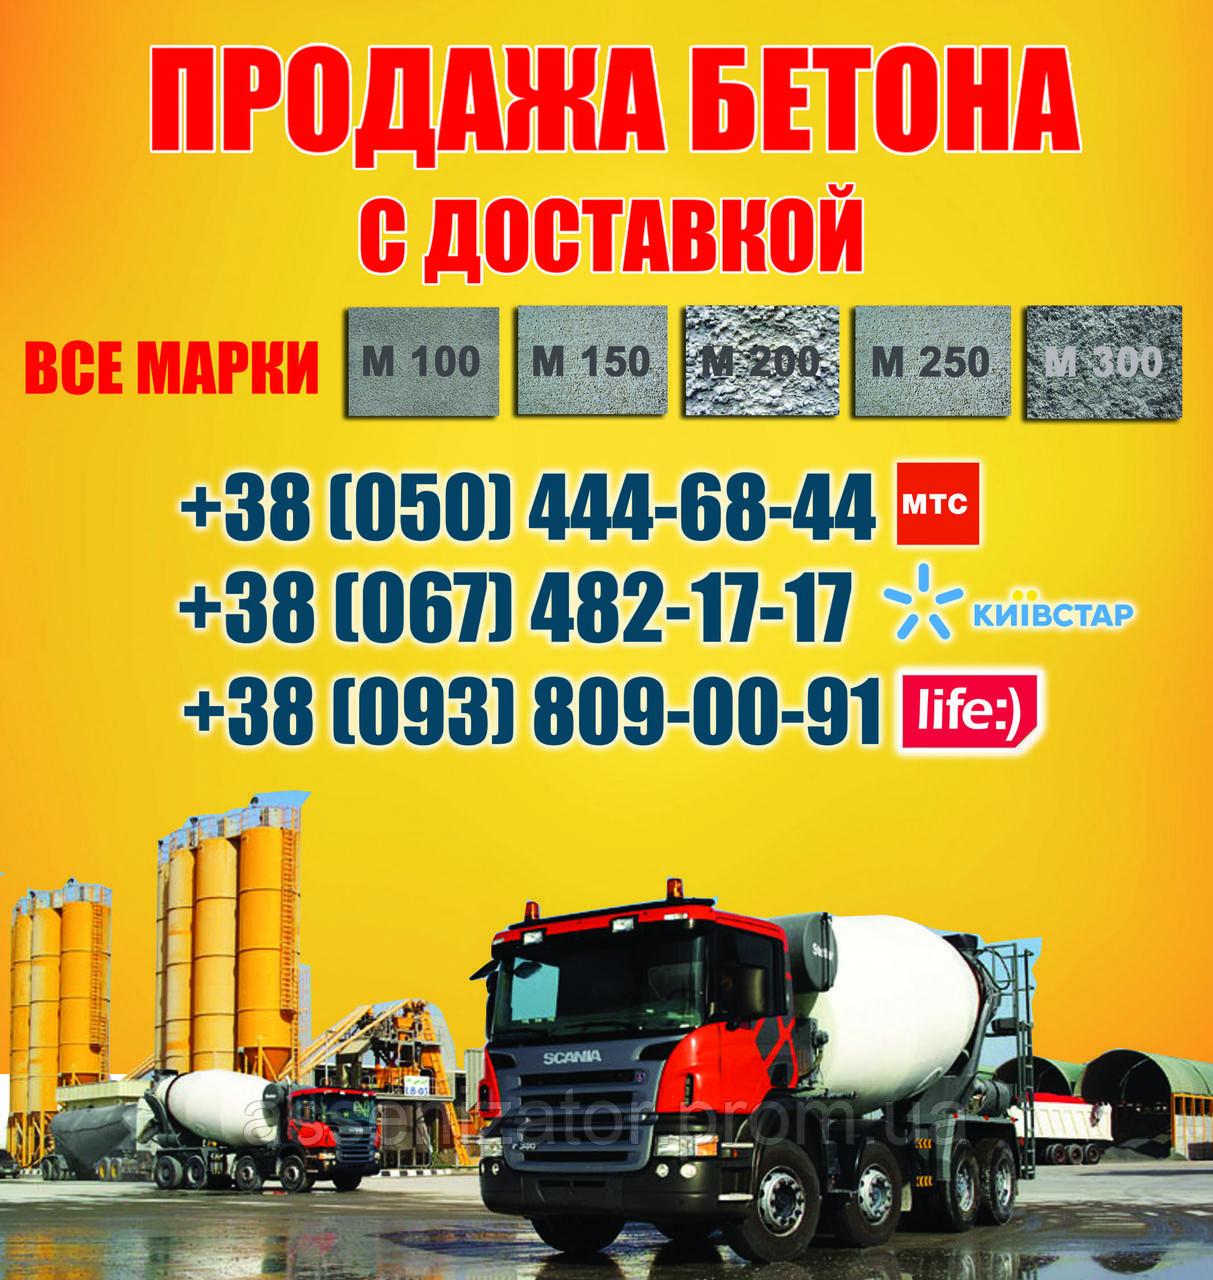 Купить бетон с доставкой на фундамент диск по бетону для ушм купить